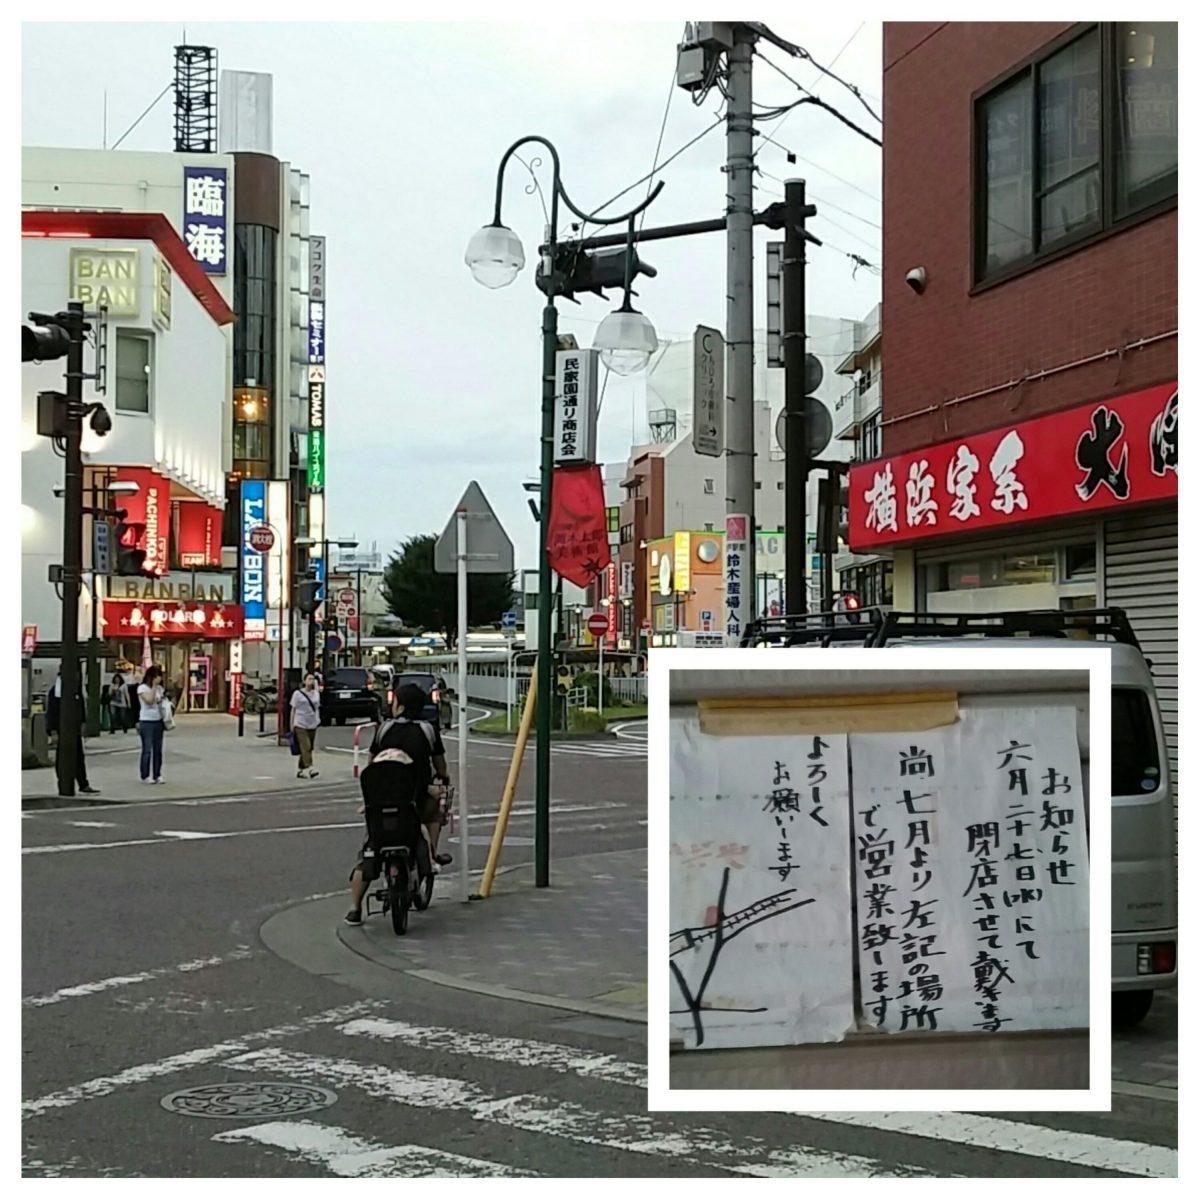 向ヶ丘遊園 横浜家系ラーメン9/20オープン